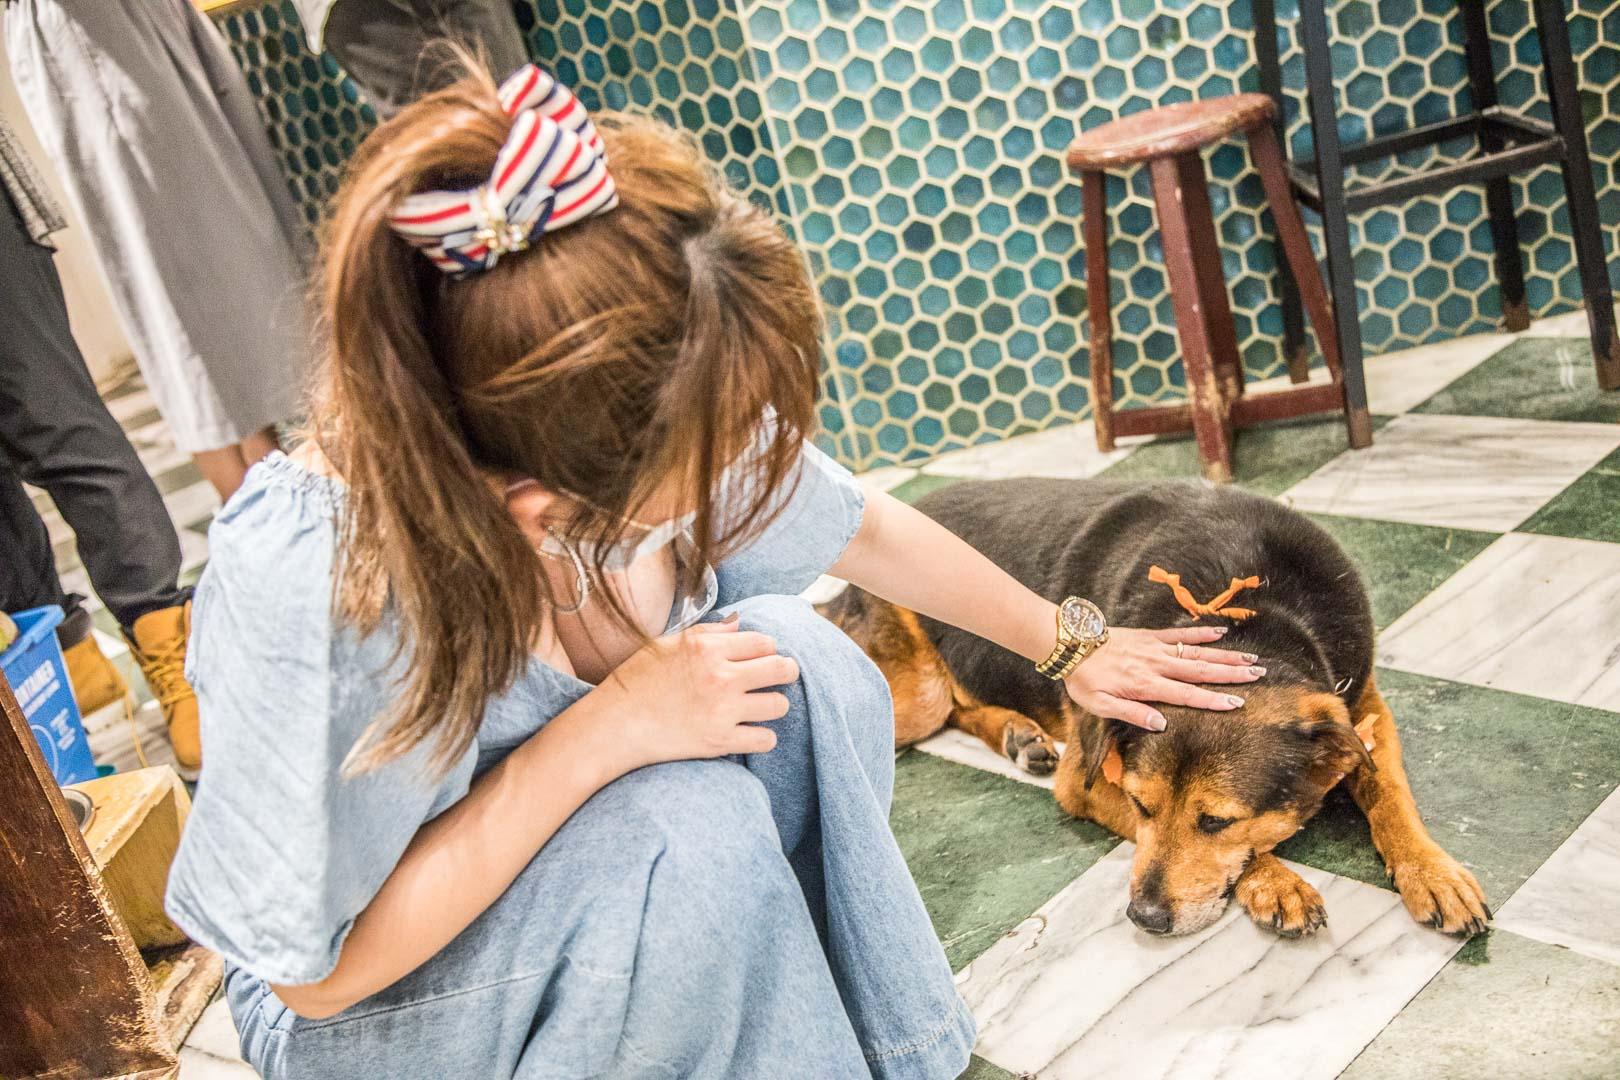 浪浪別哭-台北店/領養不棄養,讓我陪你等家,為可愛的浪浪們盡一份棉薄之力,最有愛的流浪動物中途餐廳